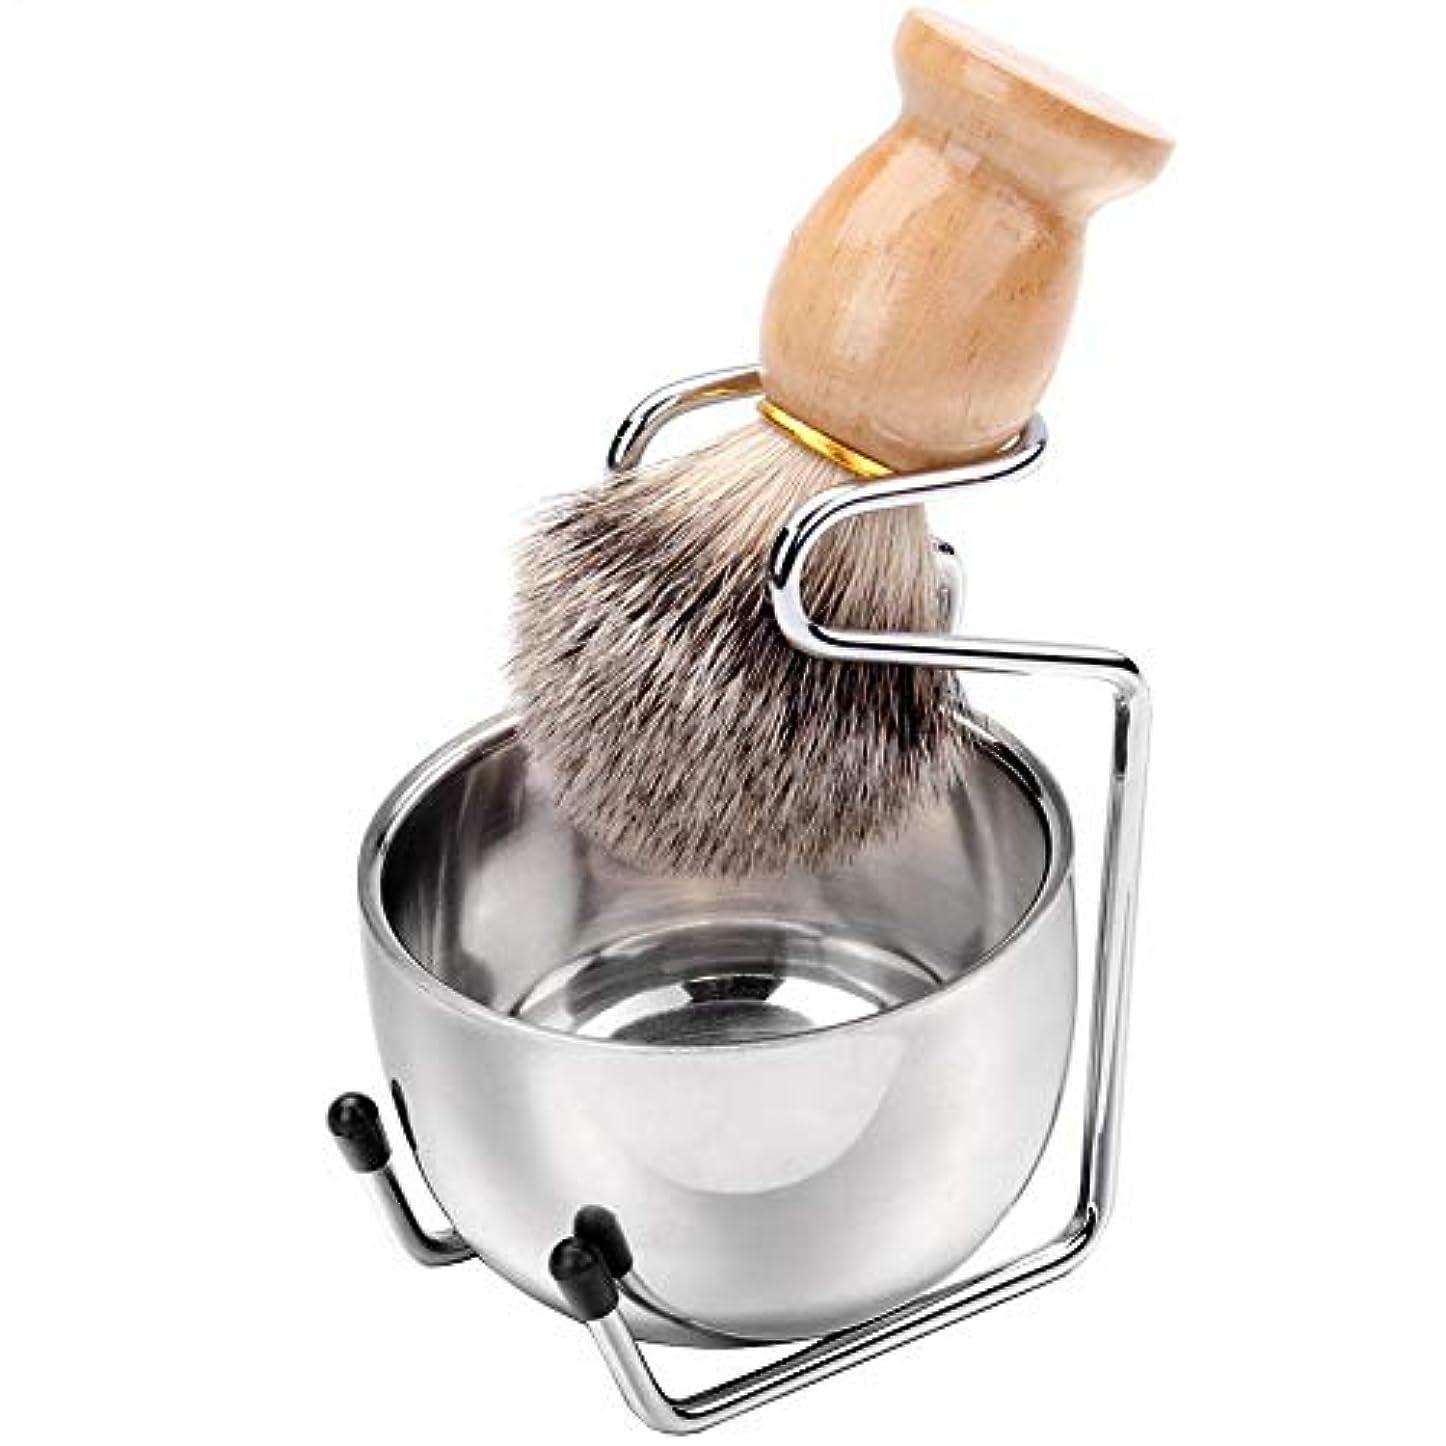 商標ペンス財団coldwhite ひげブラシ シェービングブラシセット 3点セット純粋なバッガーヘアシェービングブラシ ステンレス製の剃刀スタンド ステンレススチールシェービング石鹸ボウル 髭剃り 泡立ち 洗顔ブラシ メンズ ブラック